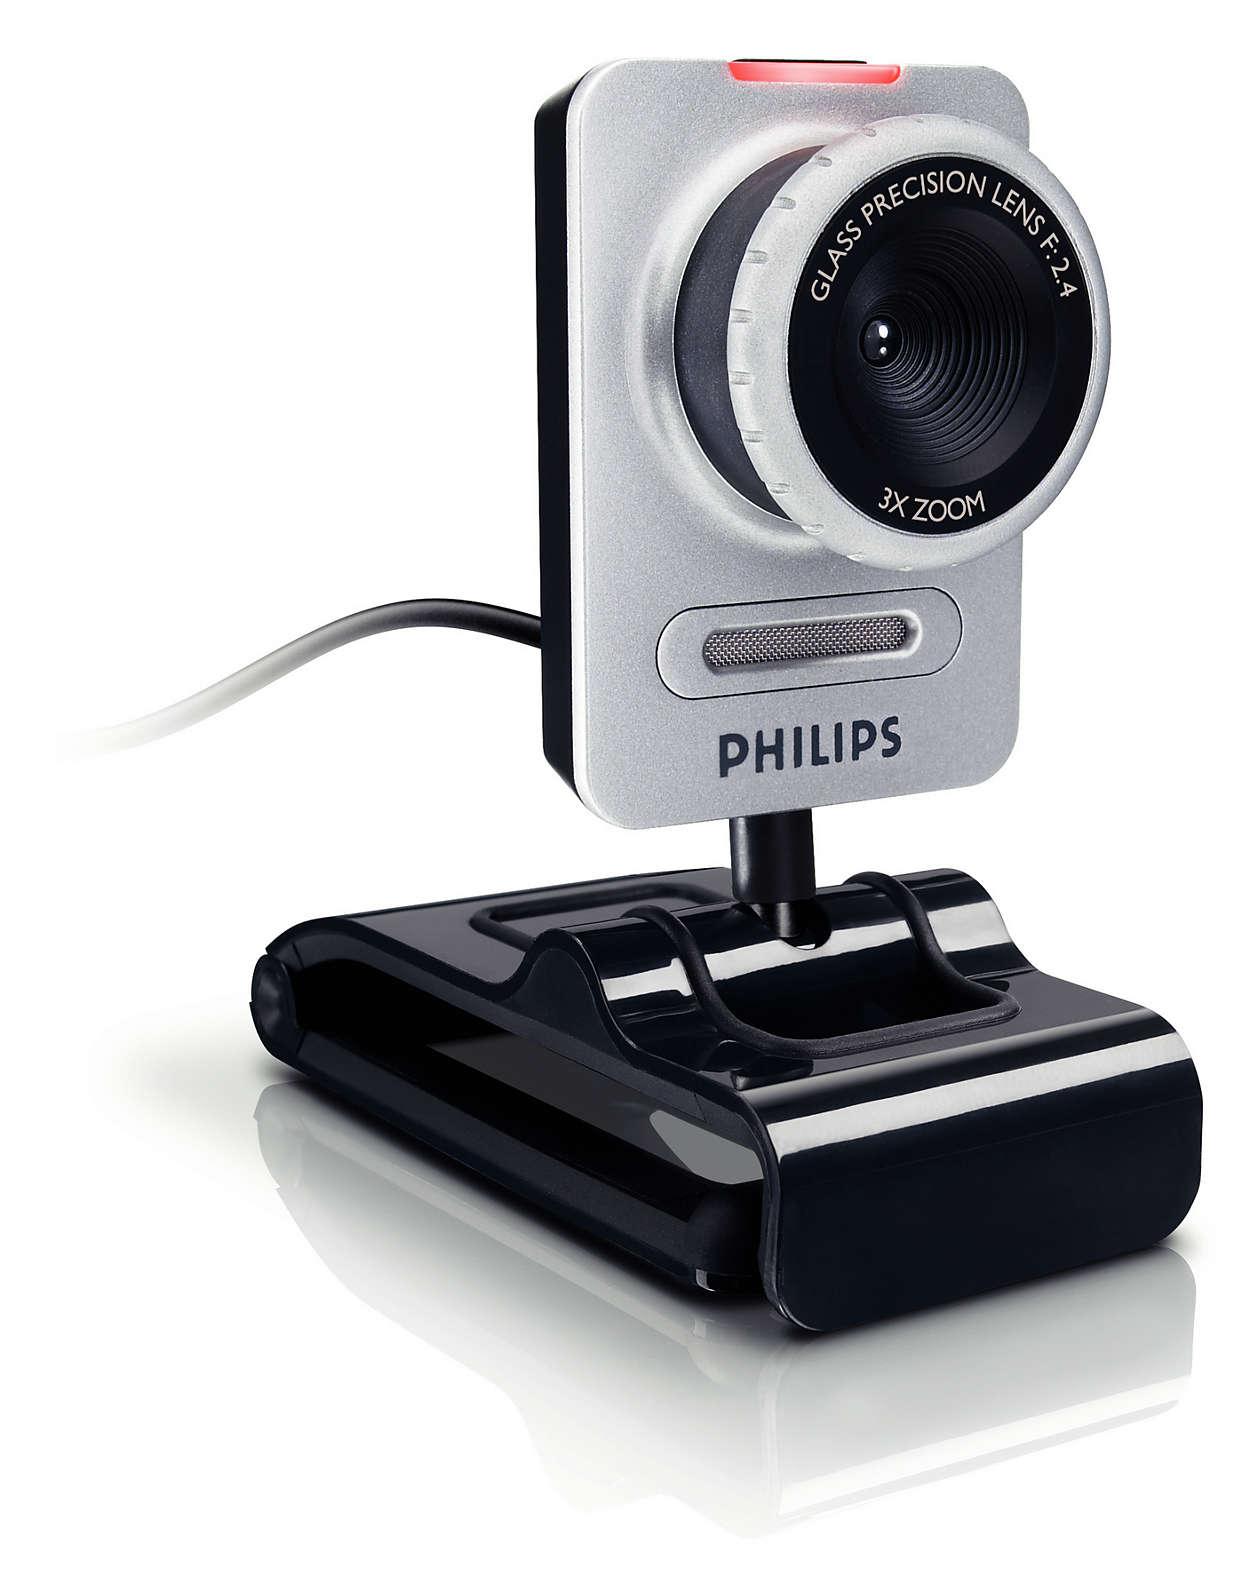 Plezier met de webcam